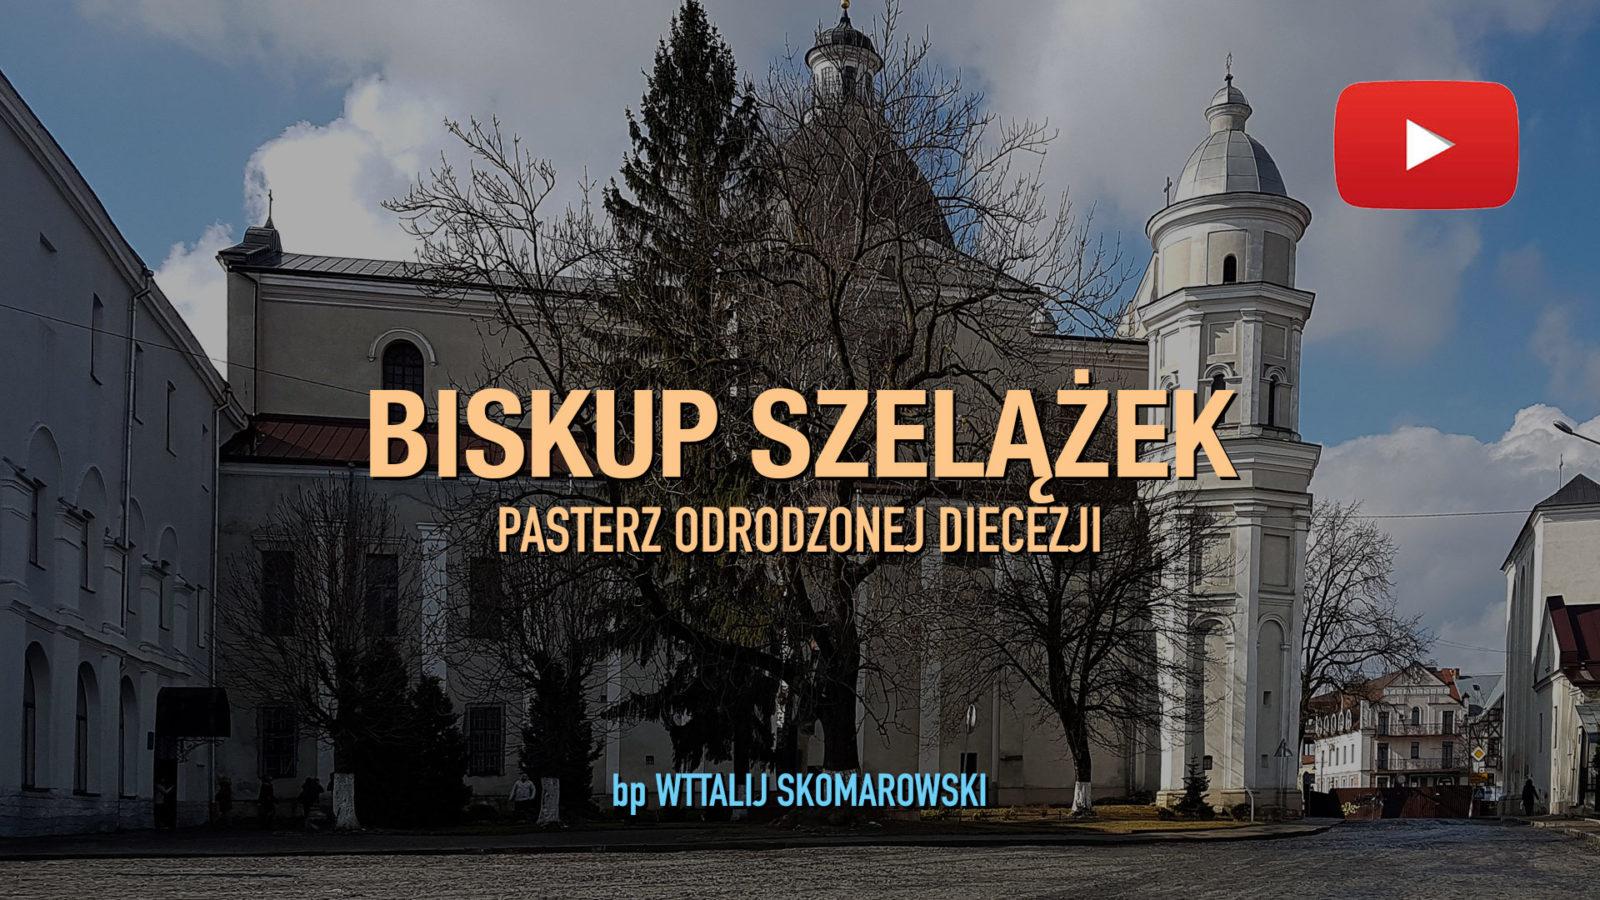 YT_BISKUP-PASTERZ-bis